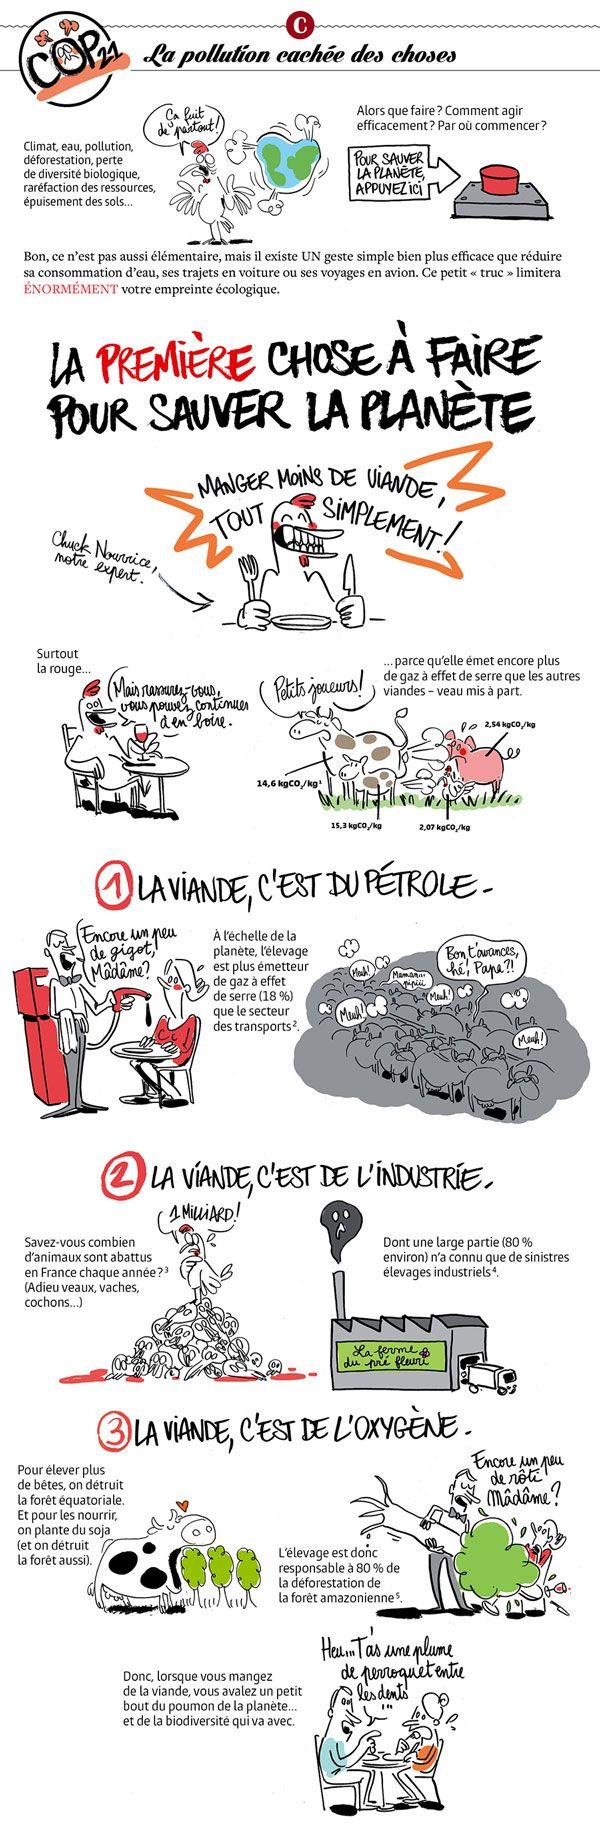 Ana-La pollution cachée des choses. Le site publie, in extenso, une bande dessinée parue dans Causette#61 (novembre 2015).